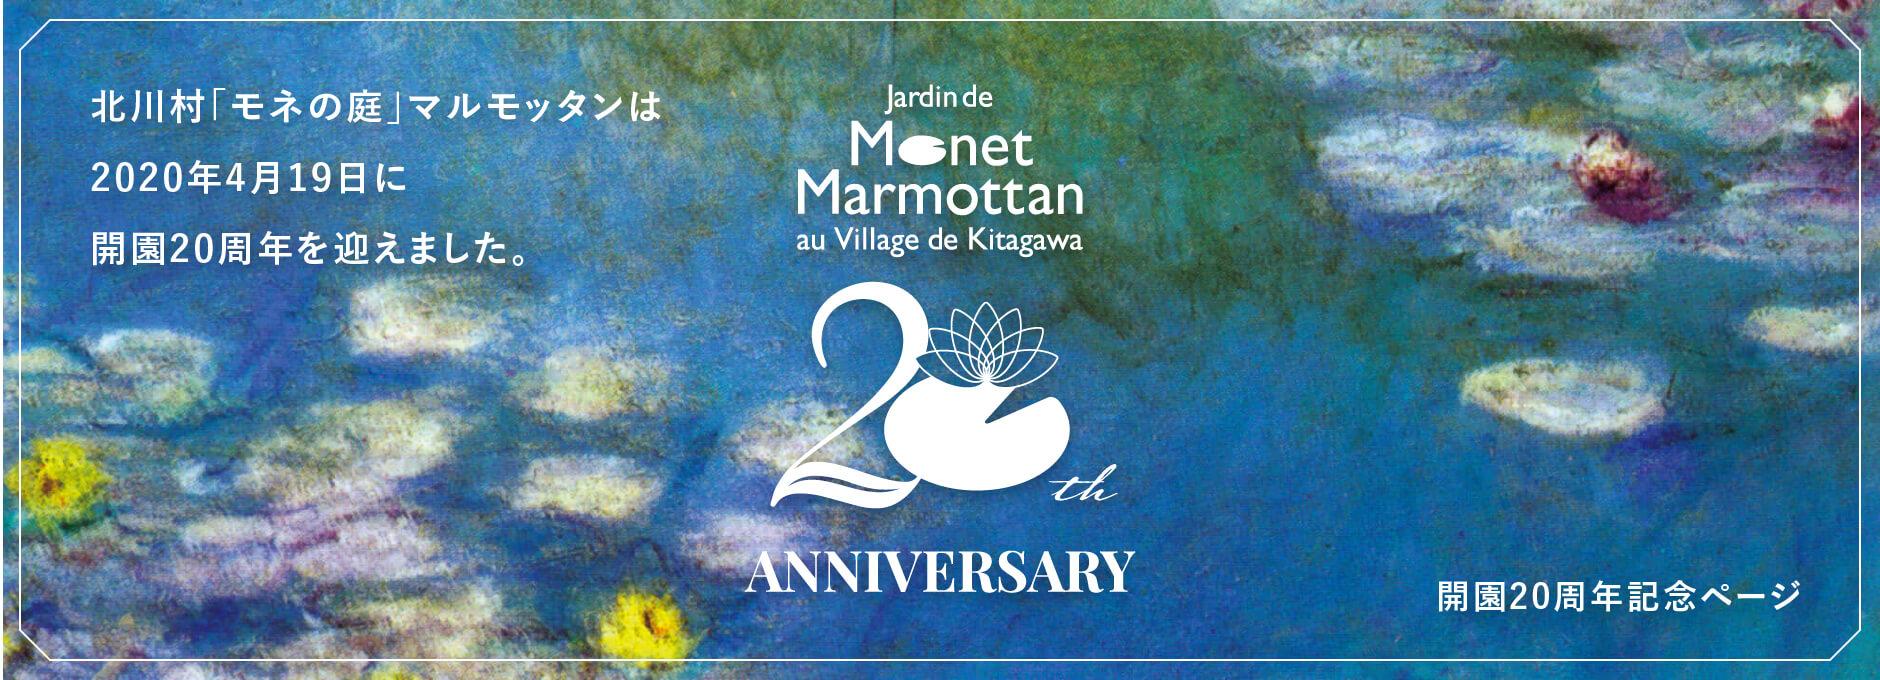 2020年3月1日(日)春の開園。北川村「モネの庭」マルモッタンは2020年4月19日に開園20周年を迎えます。